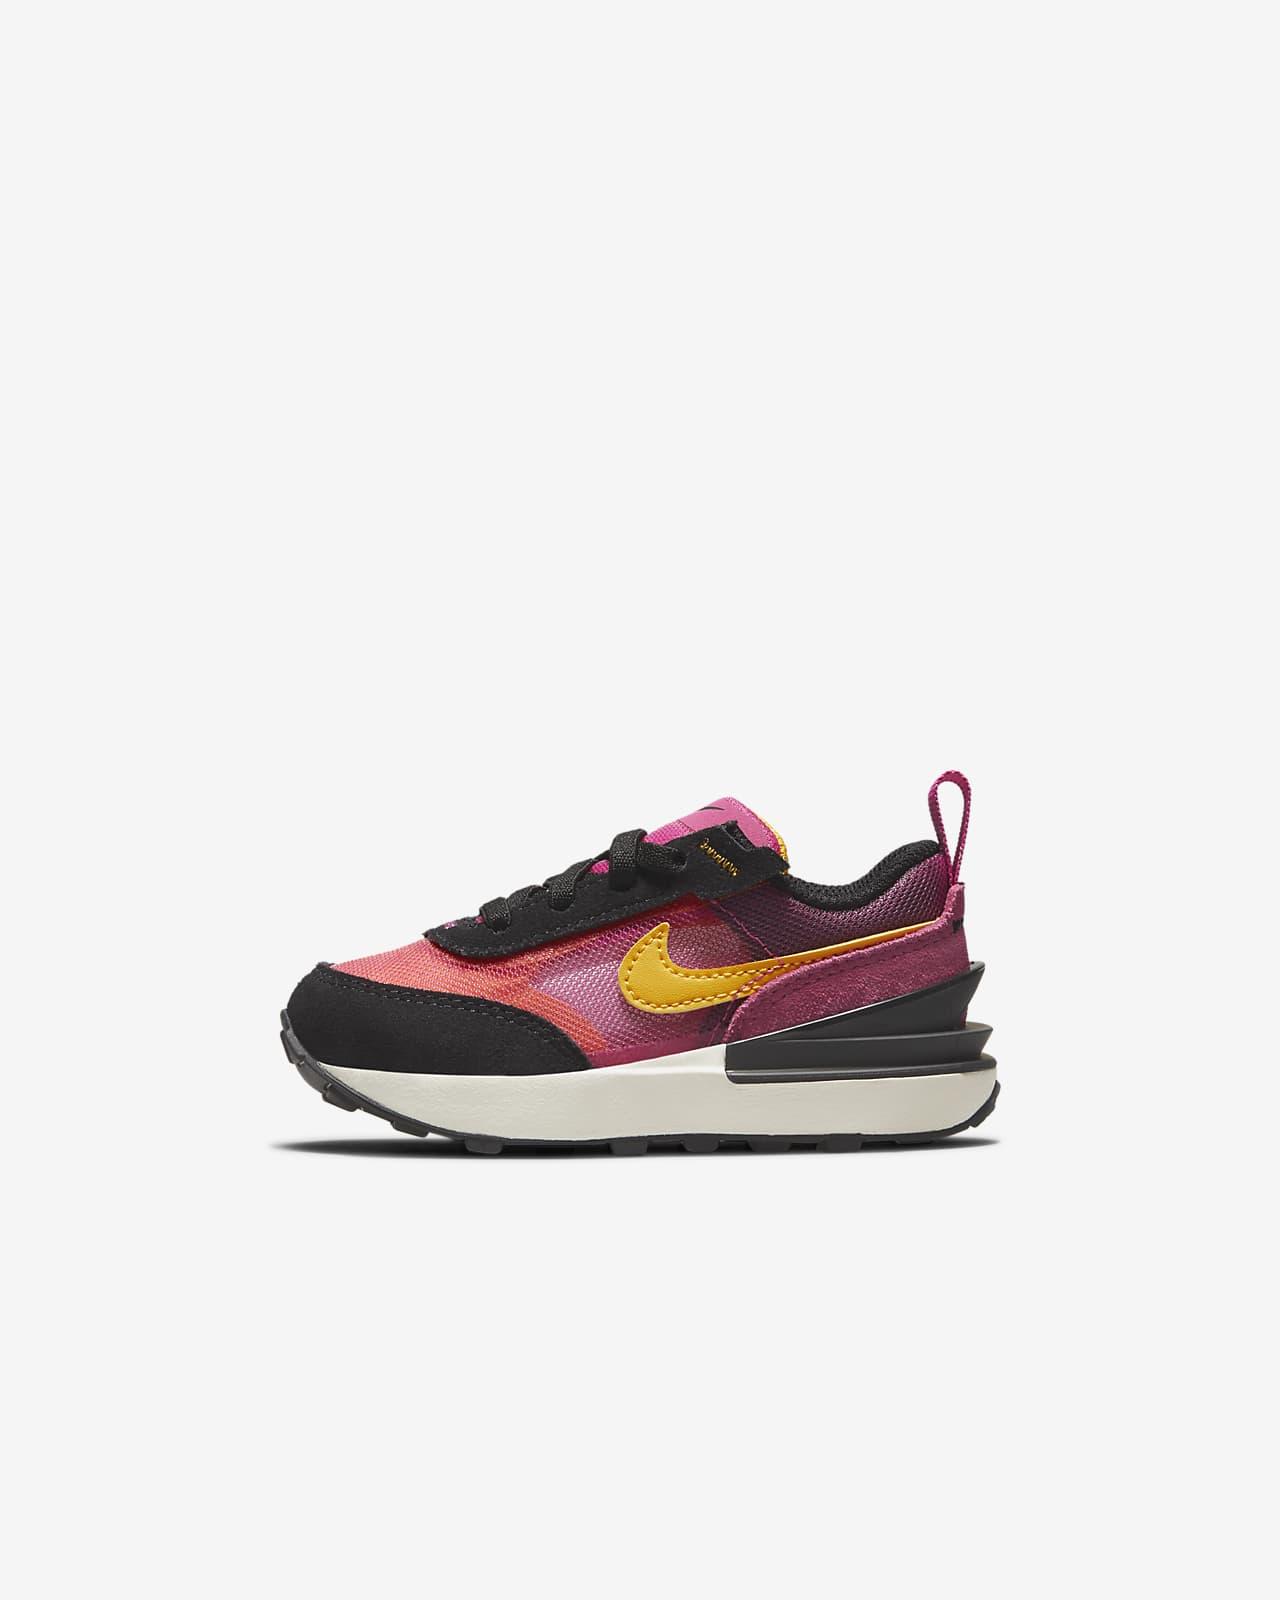 Nike Waffle One Baby & Toddler Shoe